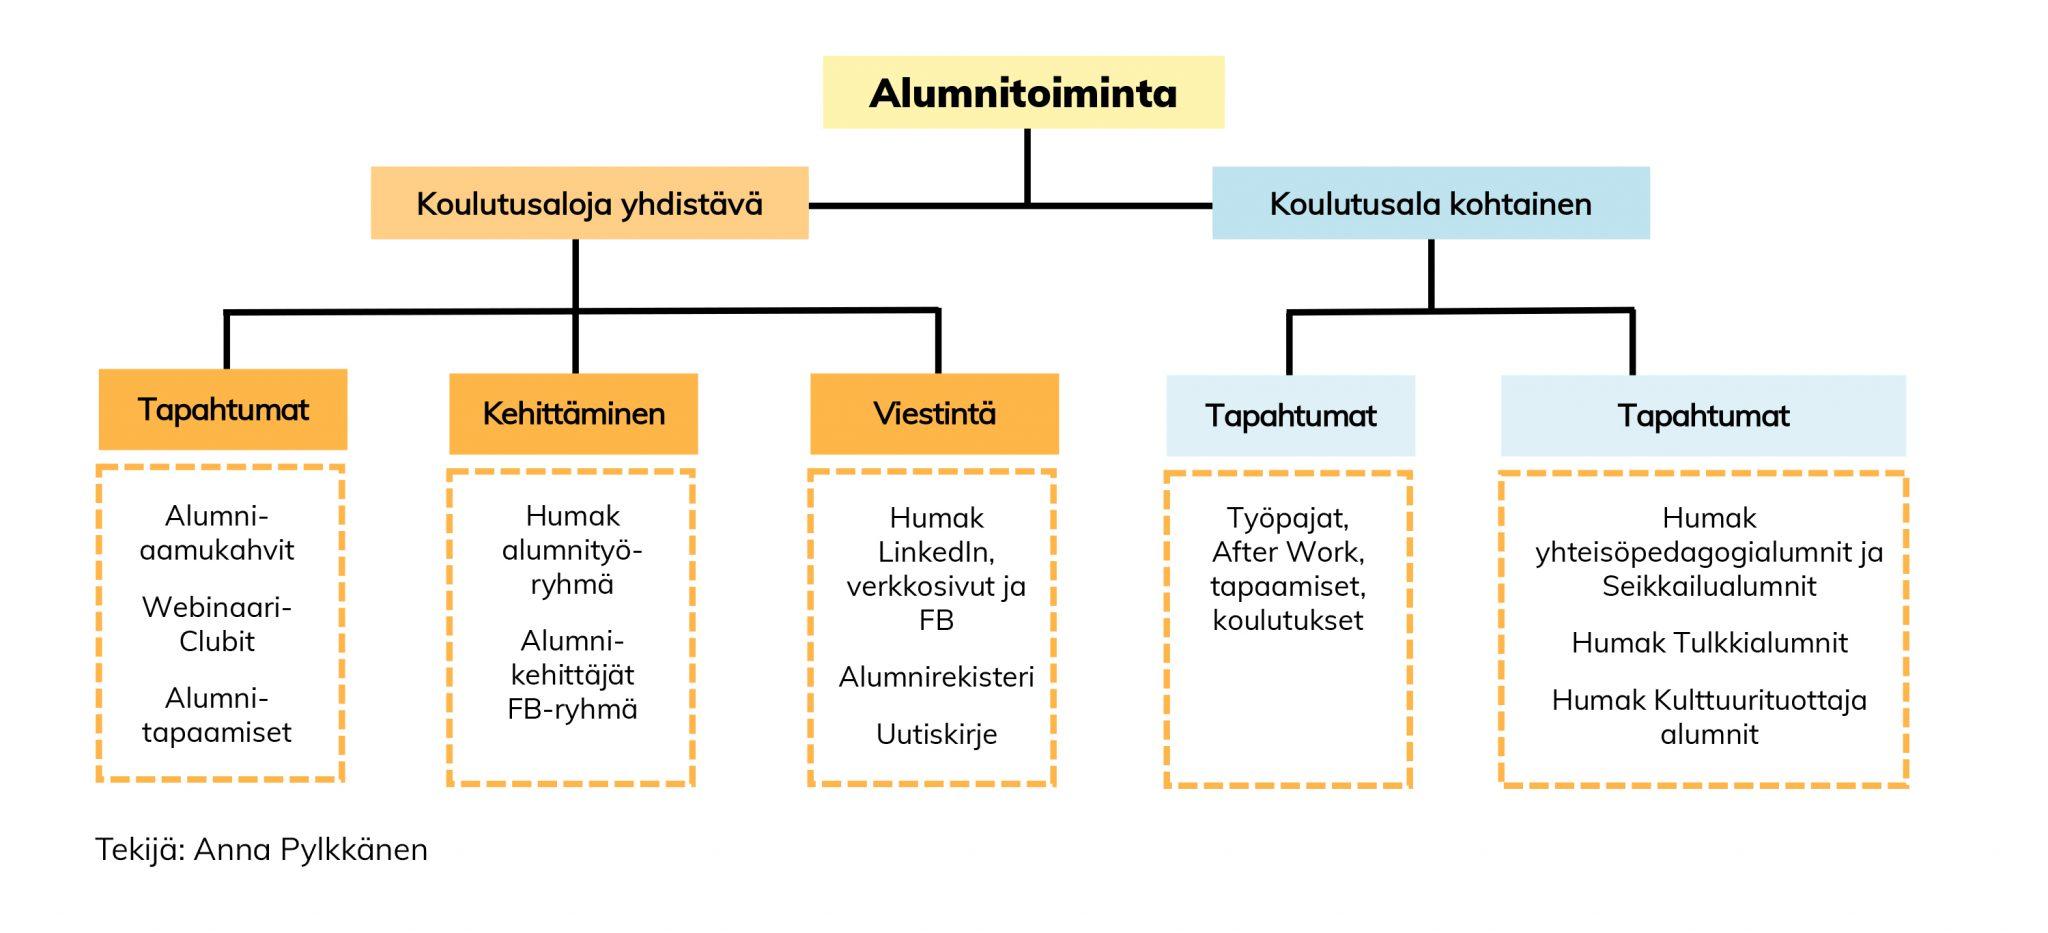 Alumnitoiminnan kaavio: Alumnitoiminta on koulutusaloja yhdistävää (tapahtumat, kehittäminen ja viestintä) sekä koulutusala kohtaista (tapahtumia).